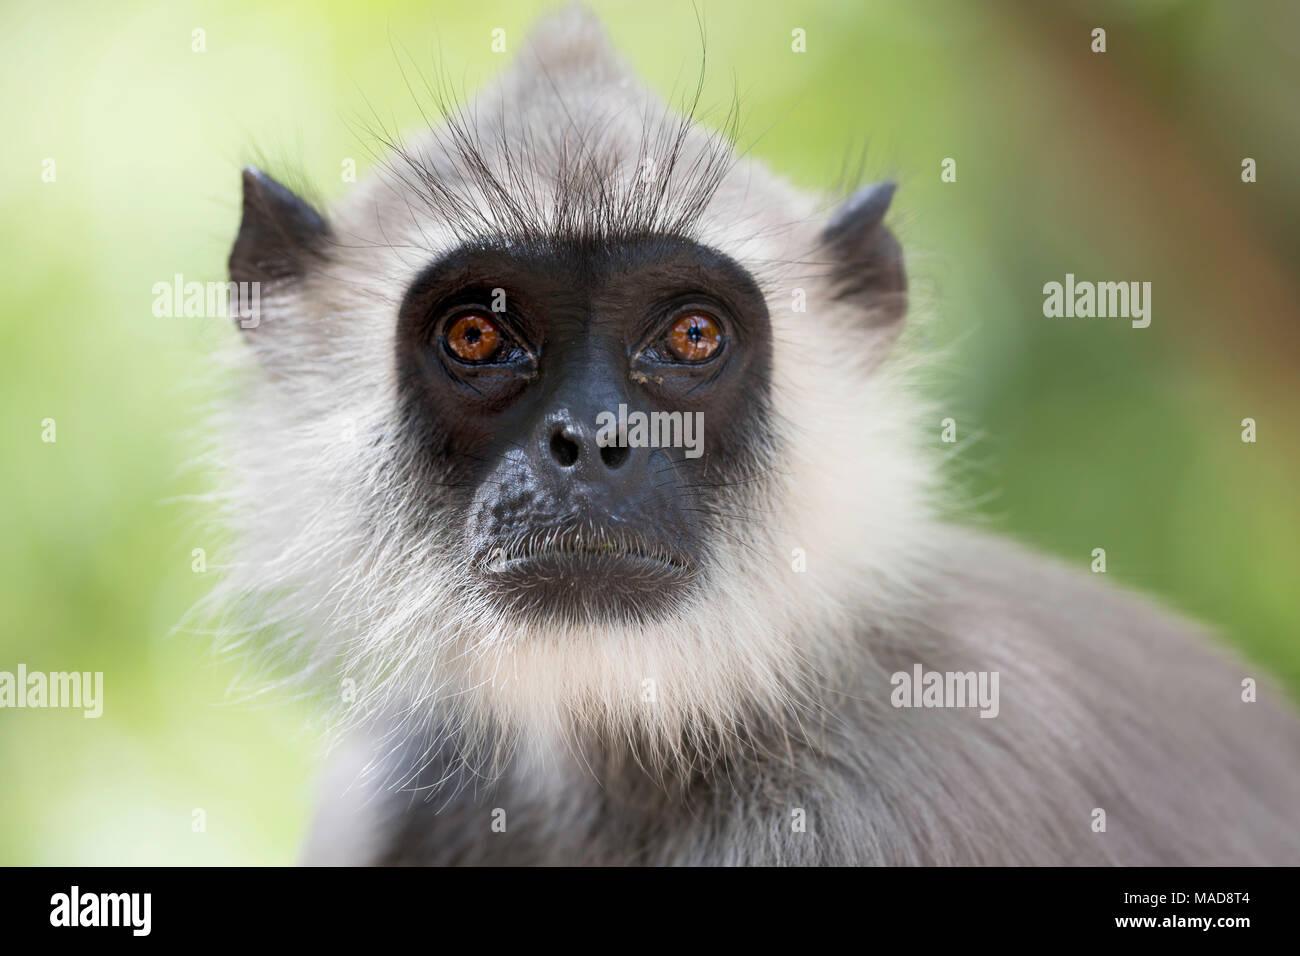 Grau langurs oder Hanuman langurs, Semnopithecus entellus, sind die am weitesten verbreiteten langurs des indischen Subkontinents. Sie sind in den meisten Bereichen gefunden Stockbild